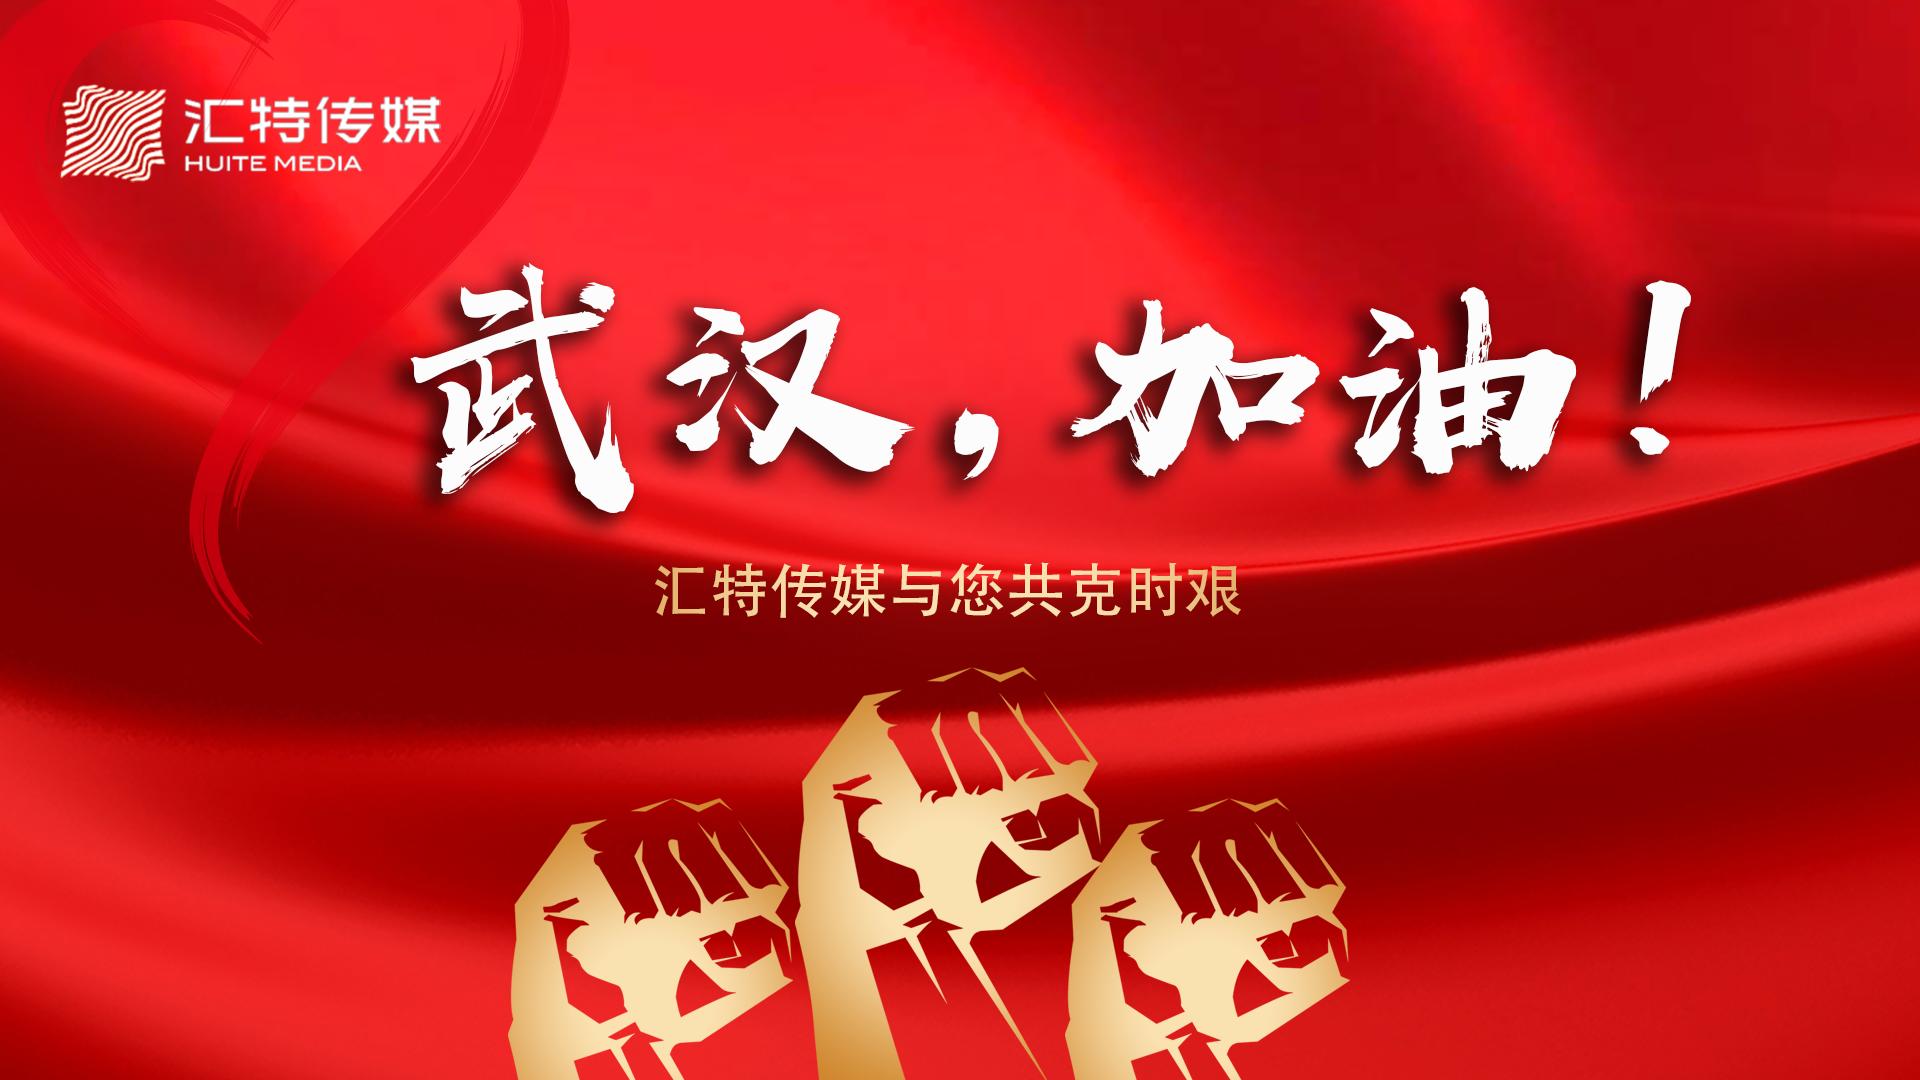 匯特傳媒官網疫情公益圖